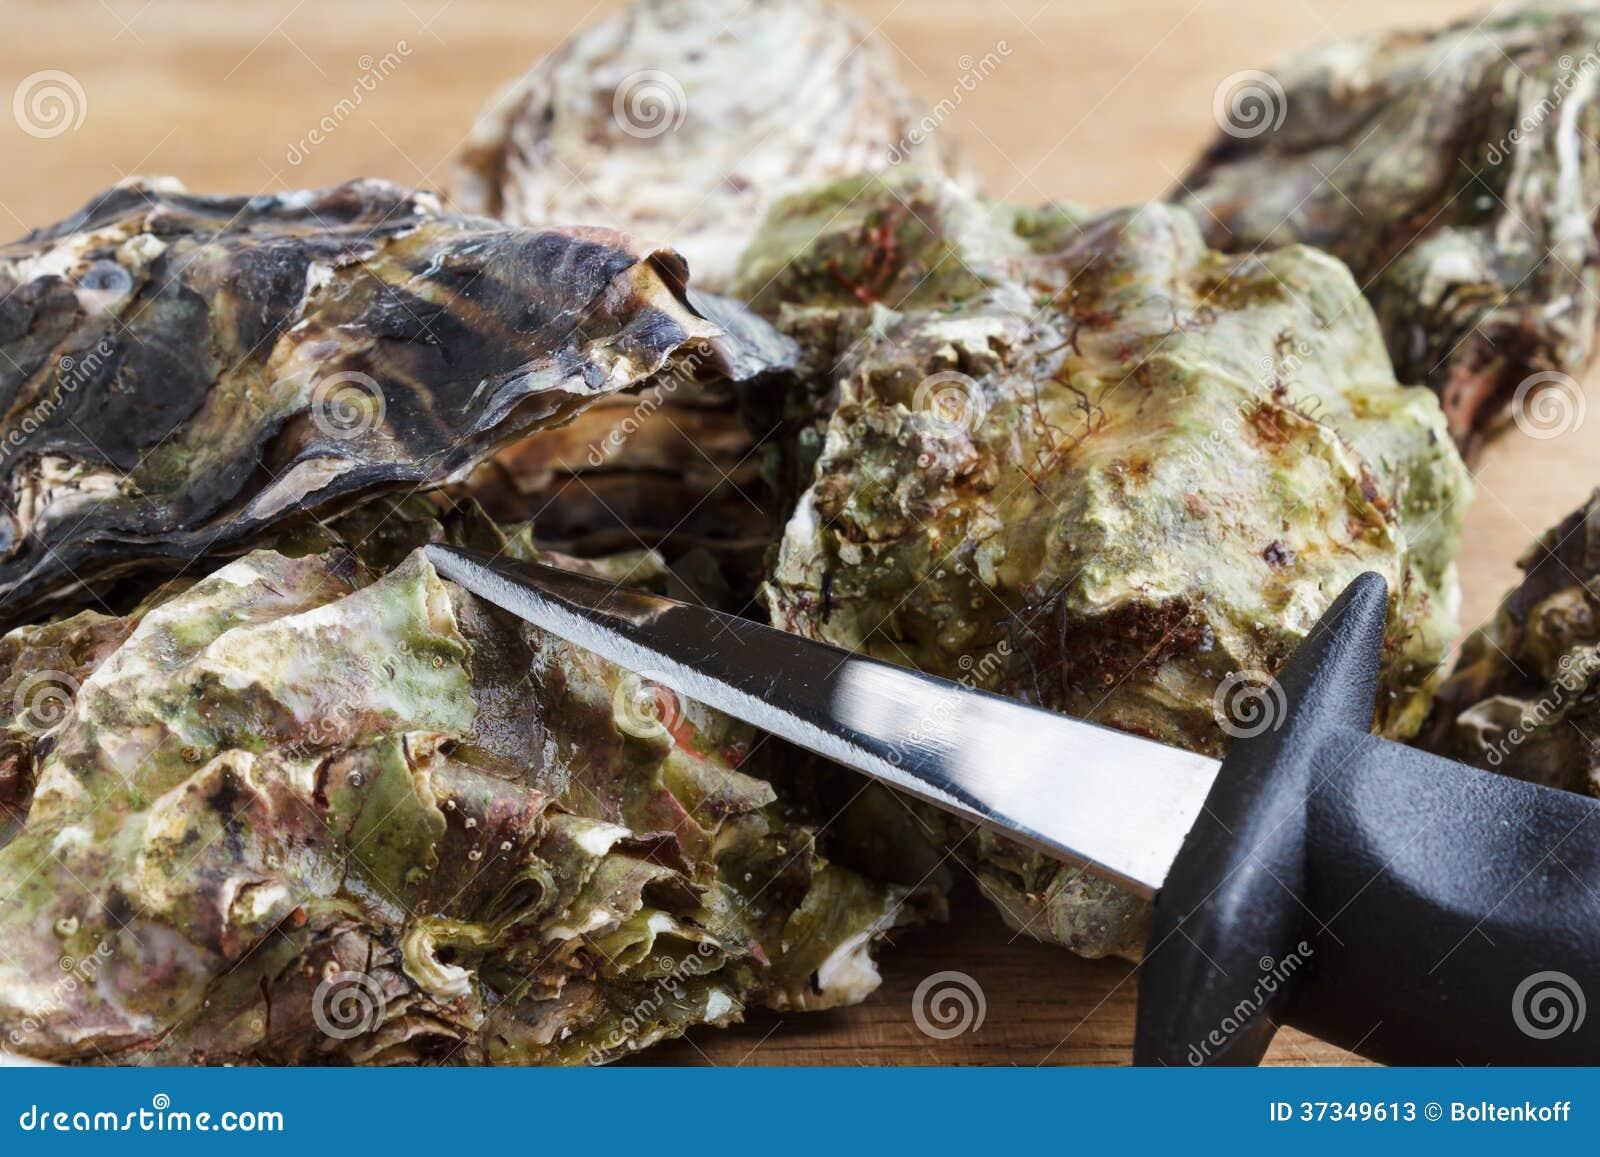 Hela ostron med en kniv